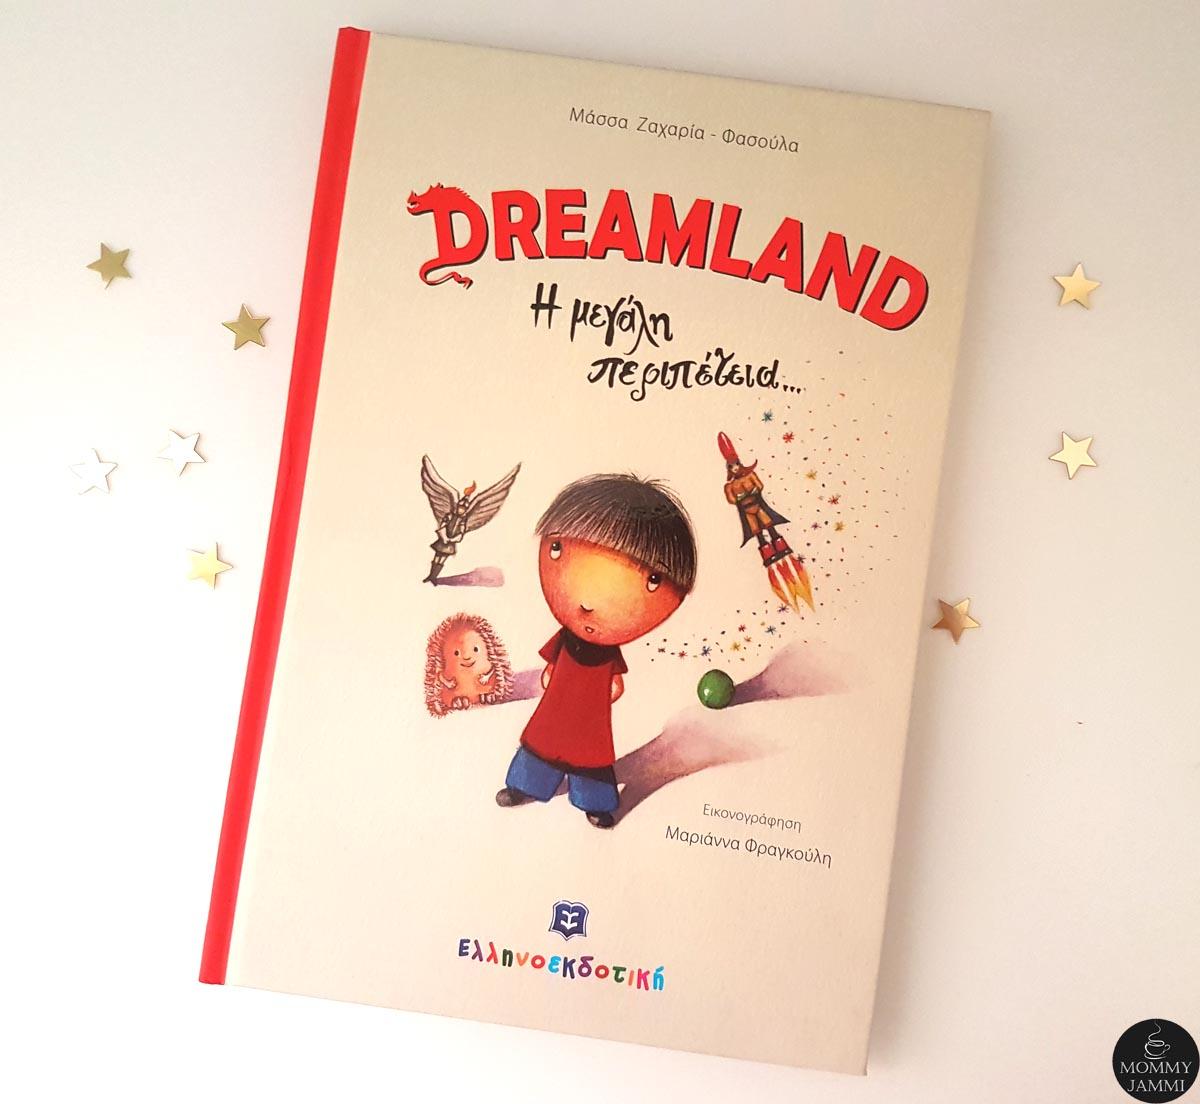 dreamland-ti-tha-ginotan-an-phgainontas-gia-ypno-metaferosoun-se-xwra-magiki-mommyjammi1